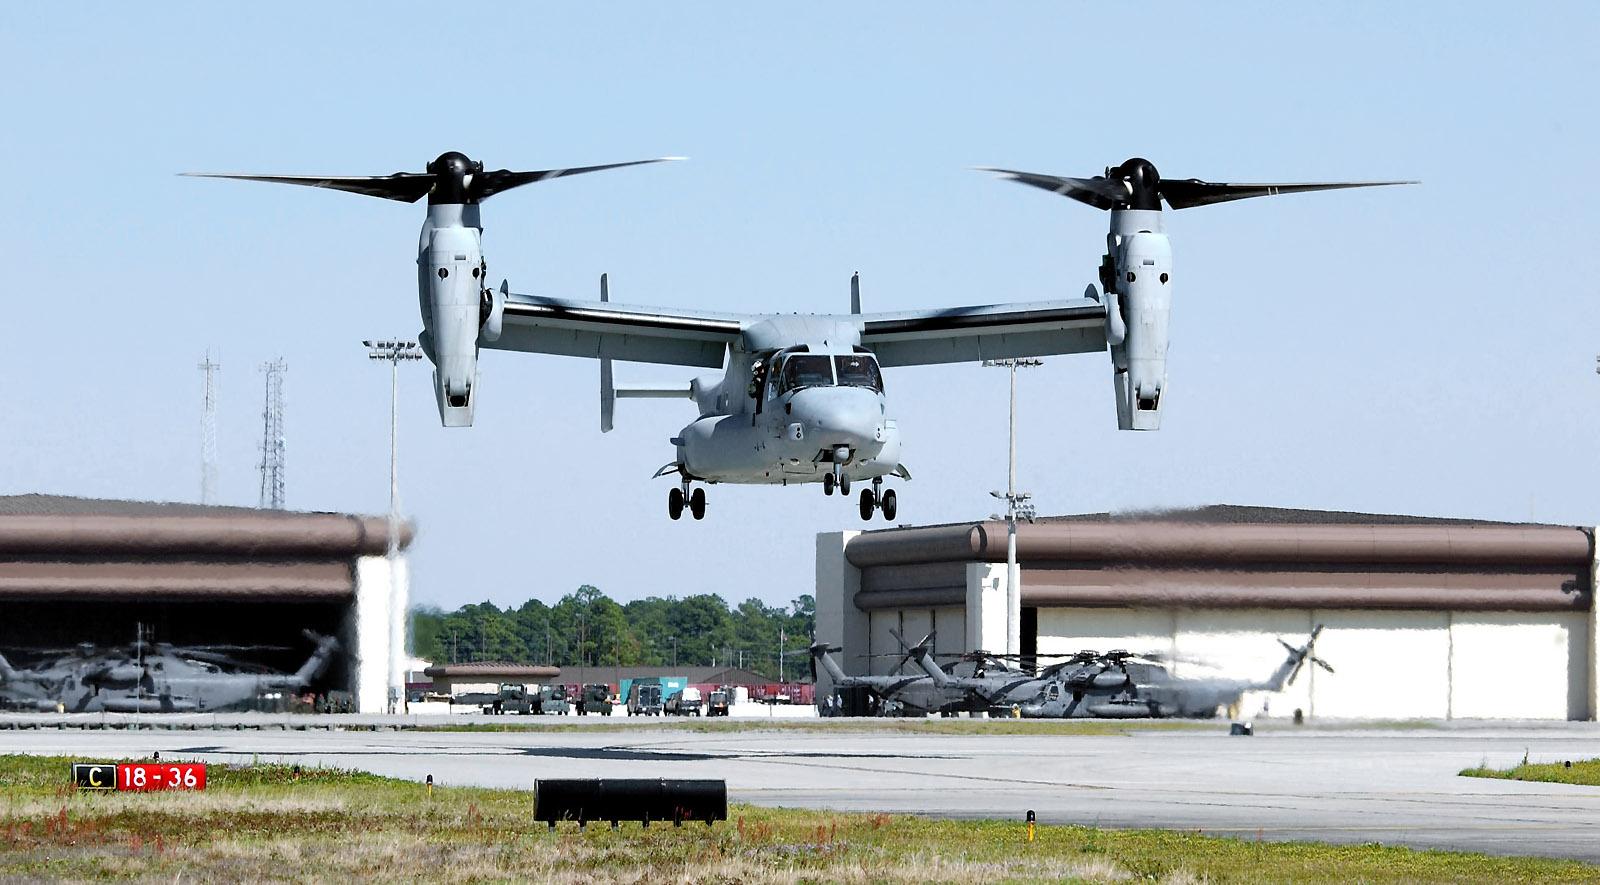 Конвертоплан MV-22 Osprey. Источник: community.warplanes.com.